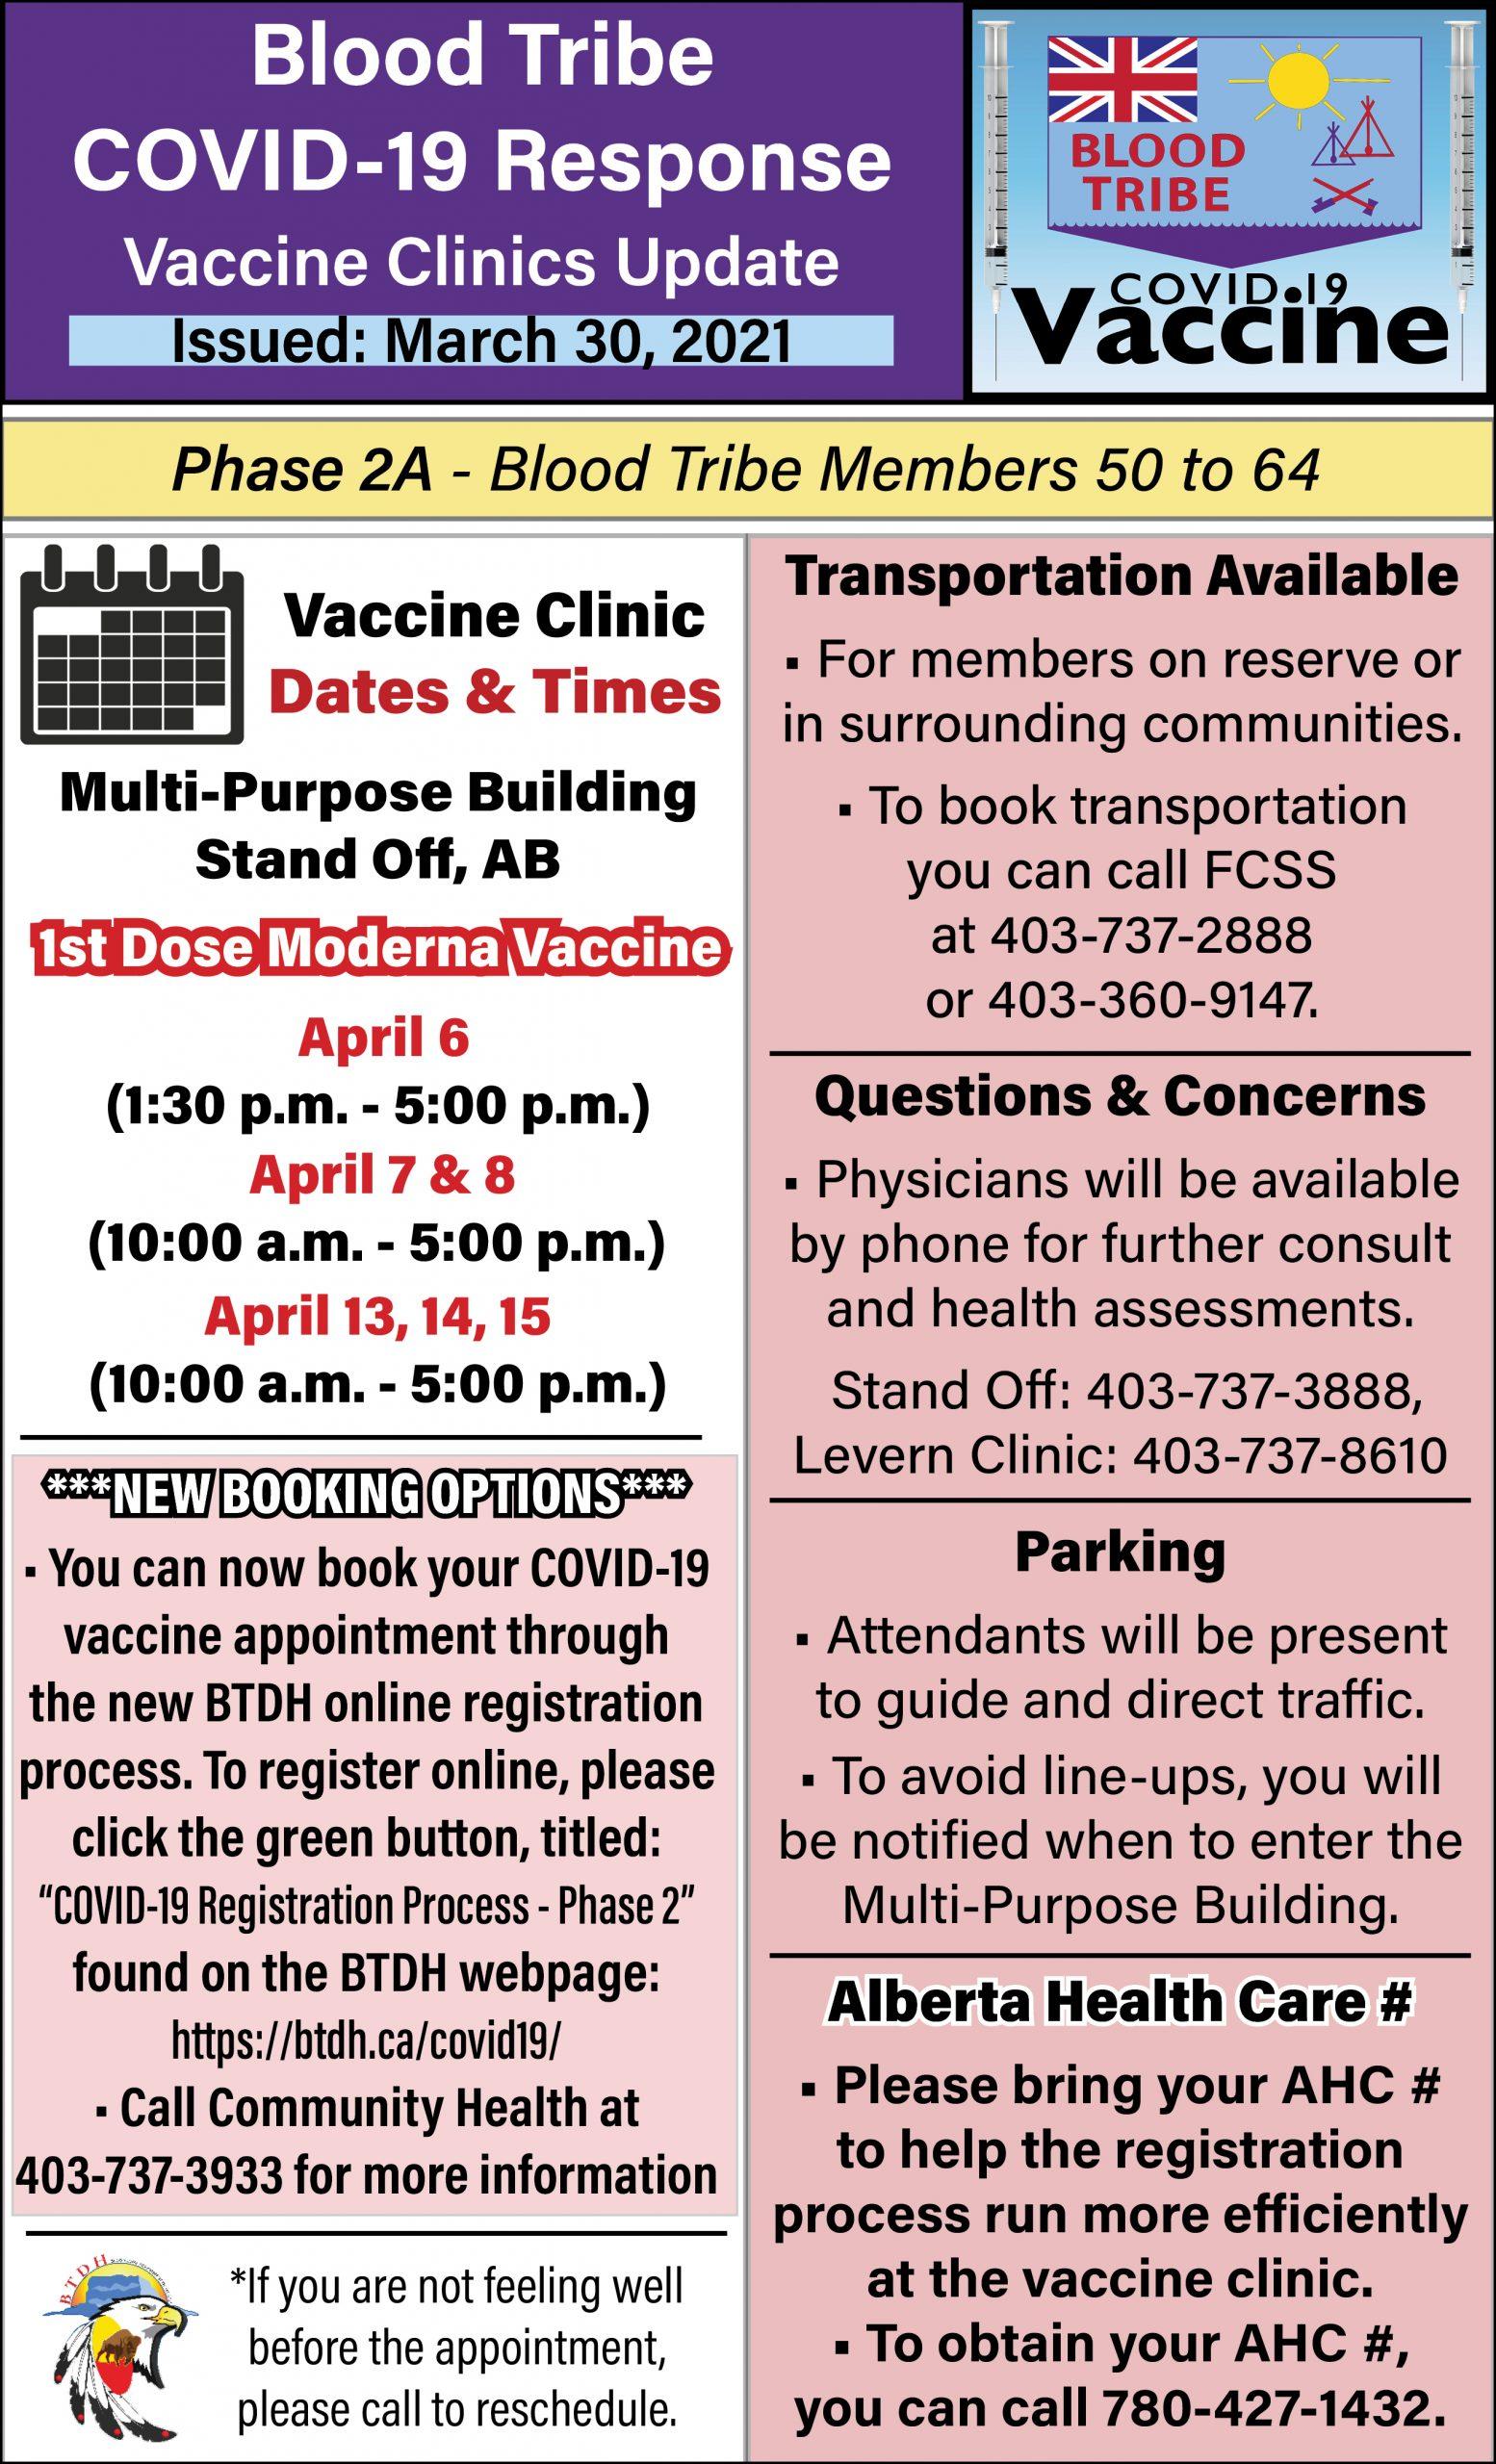 COVID-19 Vaccine Clinic Update - March 30, 2021